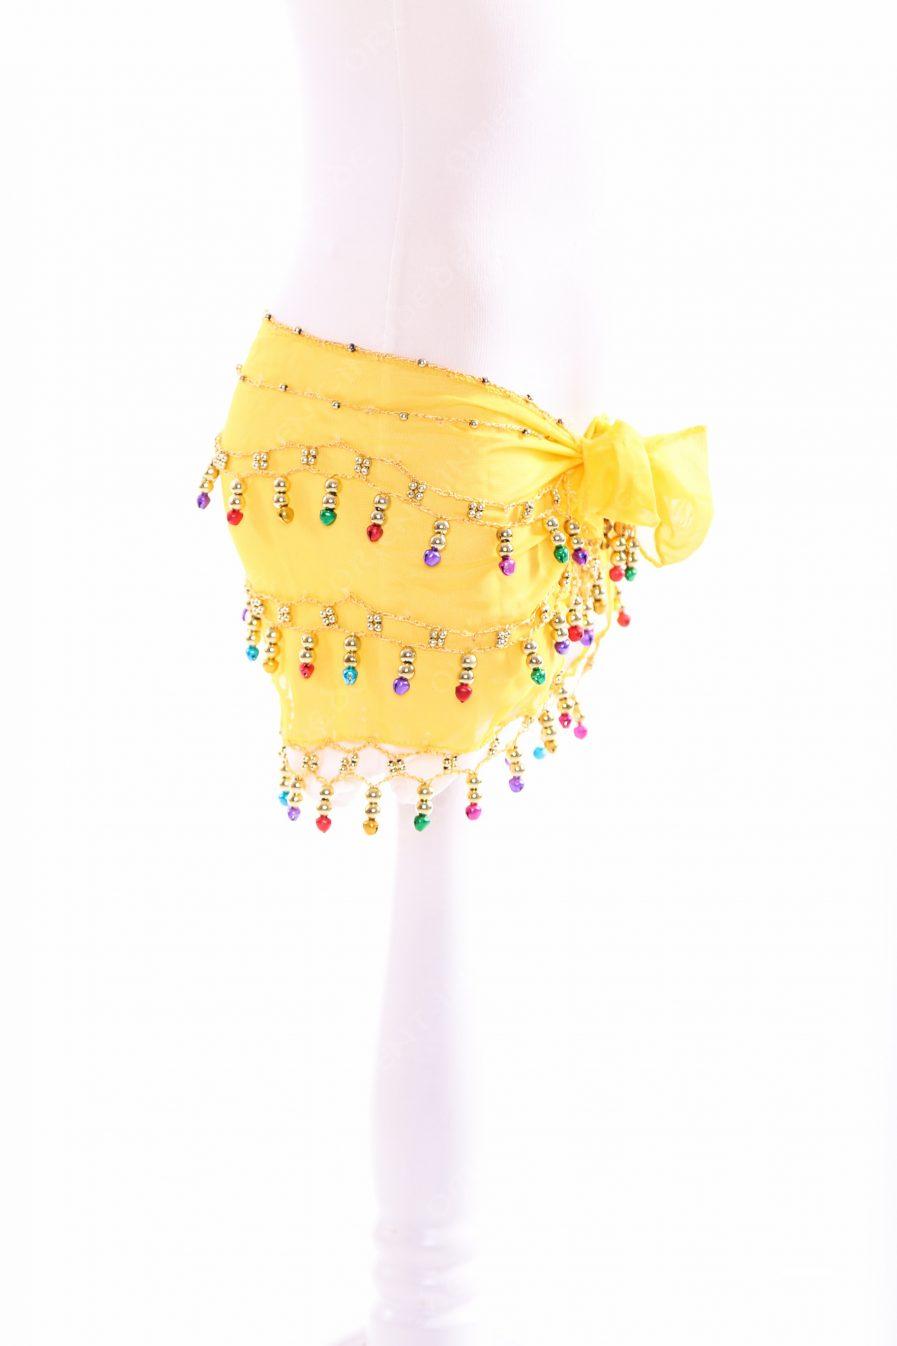 Kinder Hüfttuch Glöckchen - gelb2